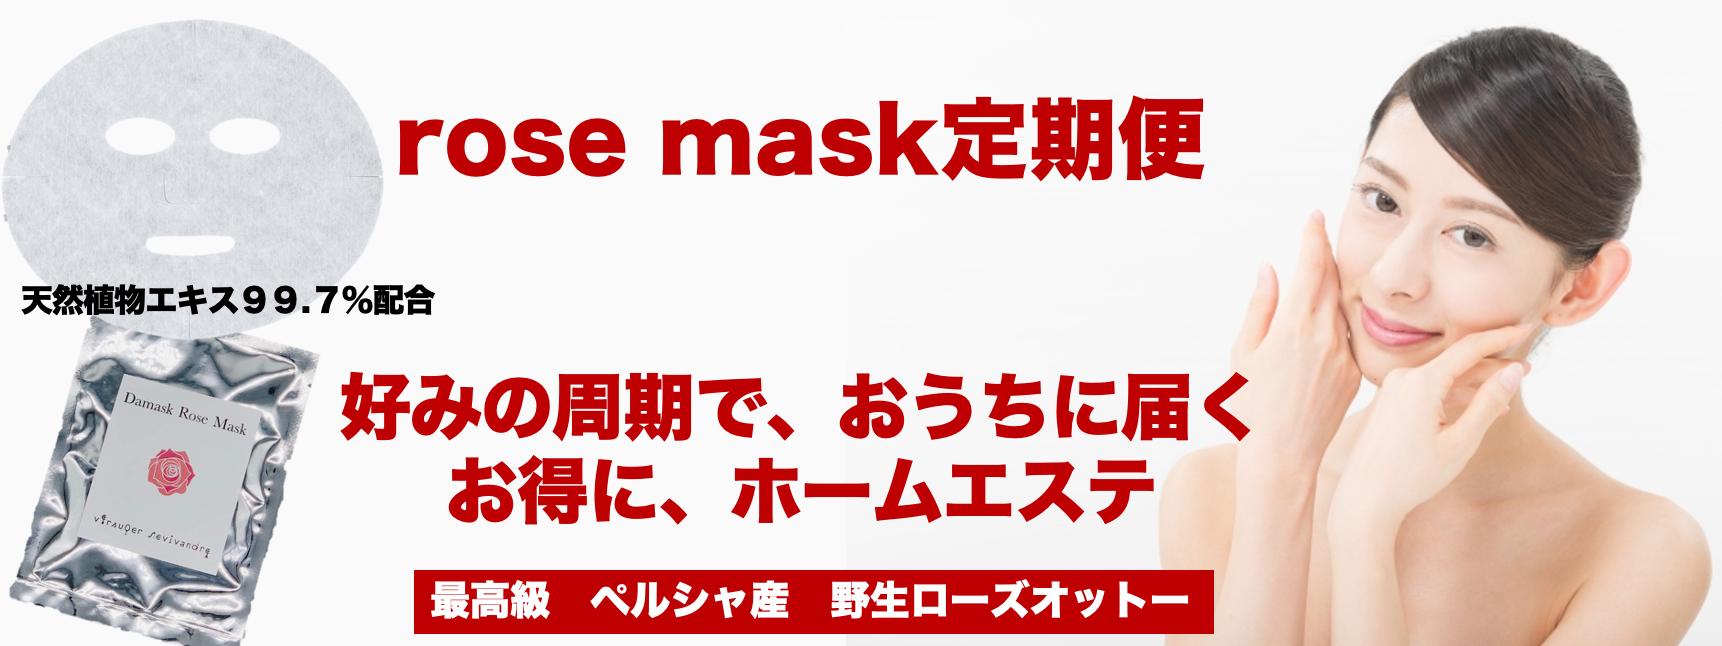 マスク定期購入